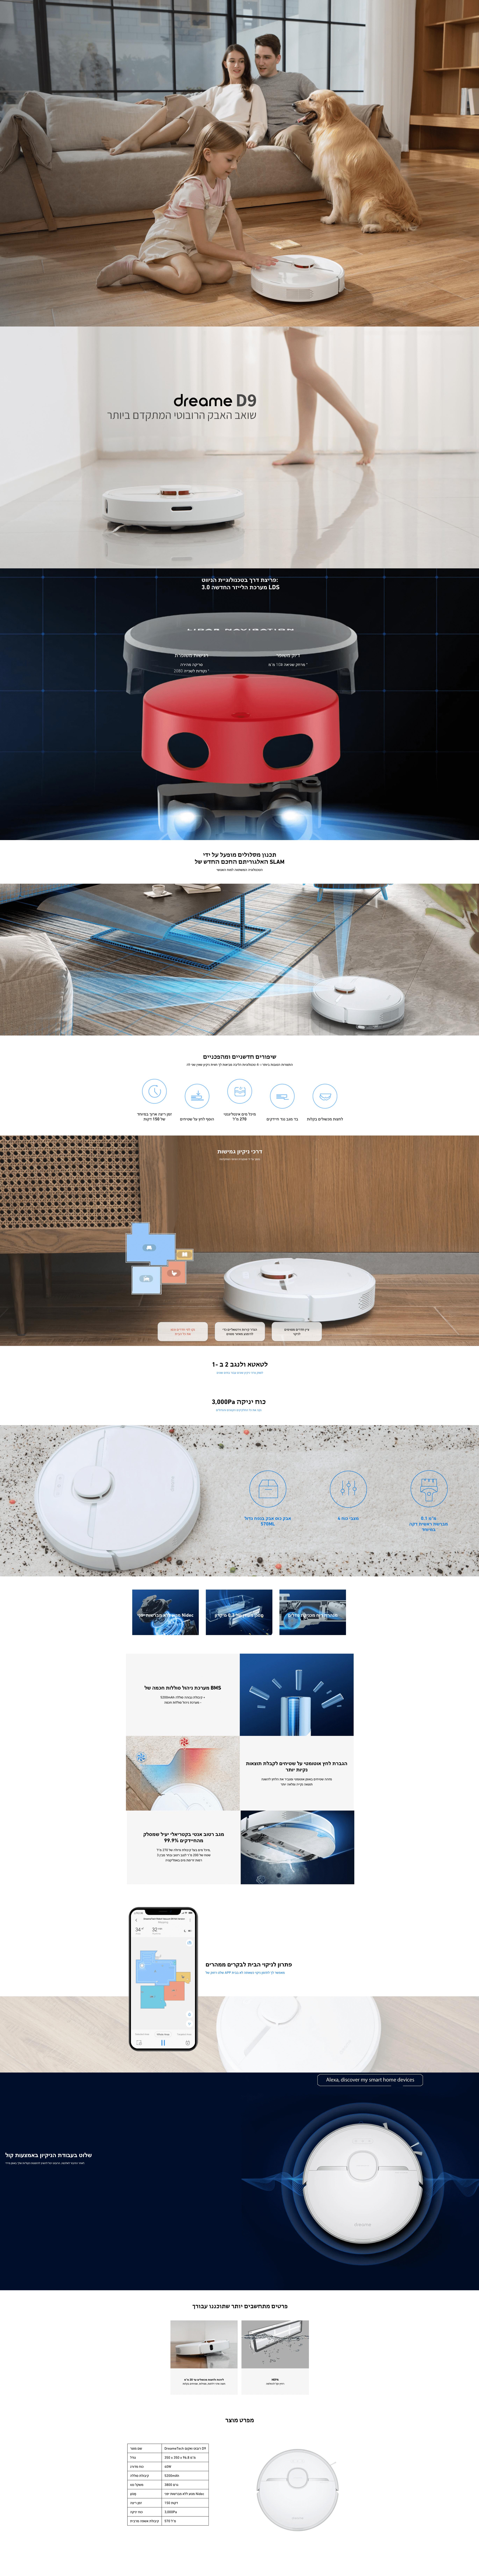 שואב אבק רובוטי DREAME D9 מבית שיאומי יבוא מקביל | שואבי אבק רובוטי של Xiaomi הכי זולים בארץ! 24